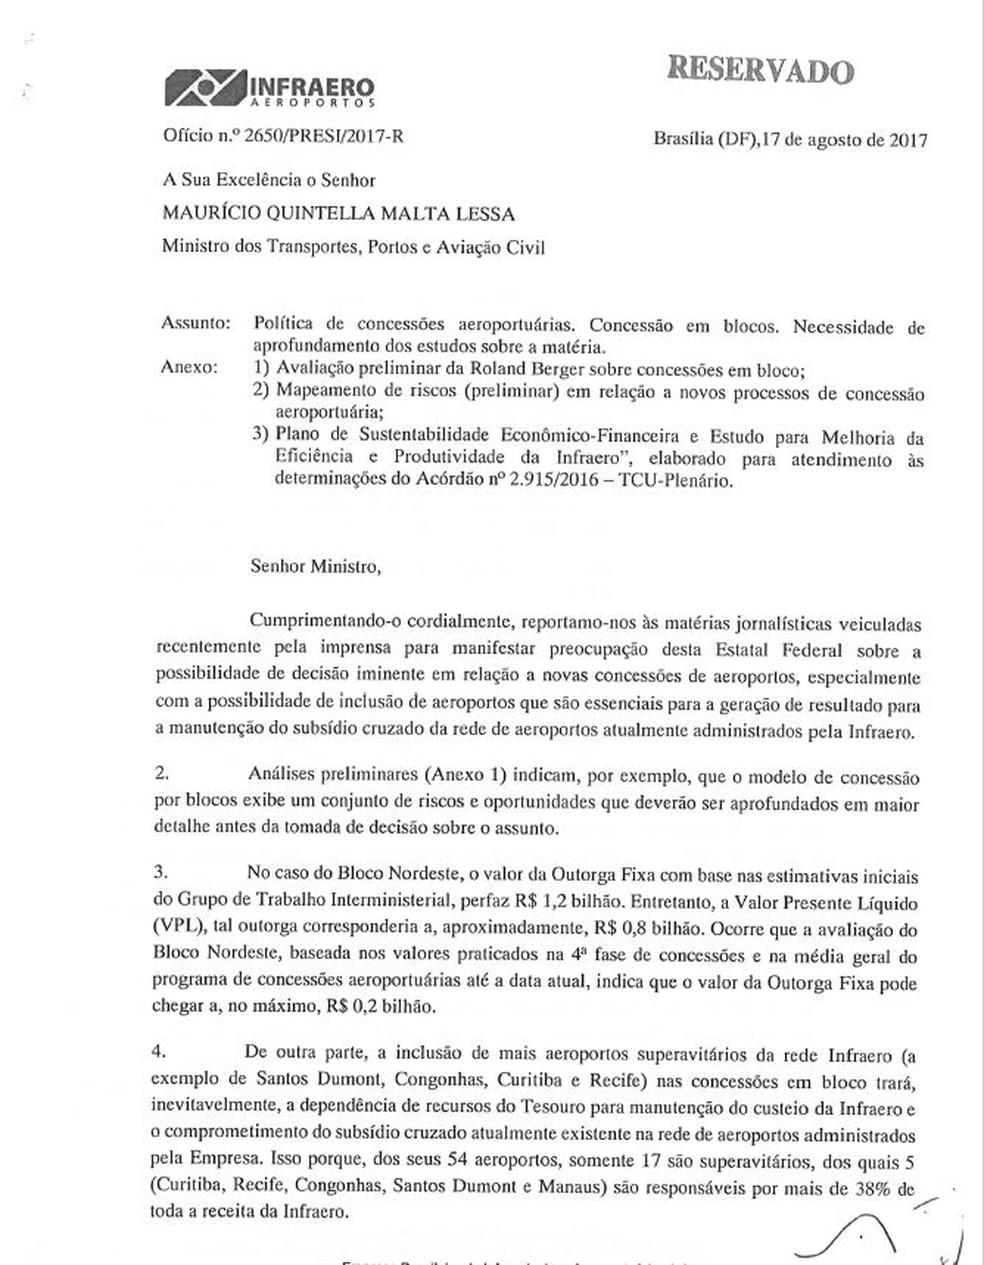 Ofício da Infraero (Foto: Reprodução)